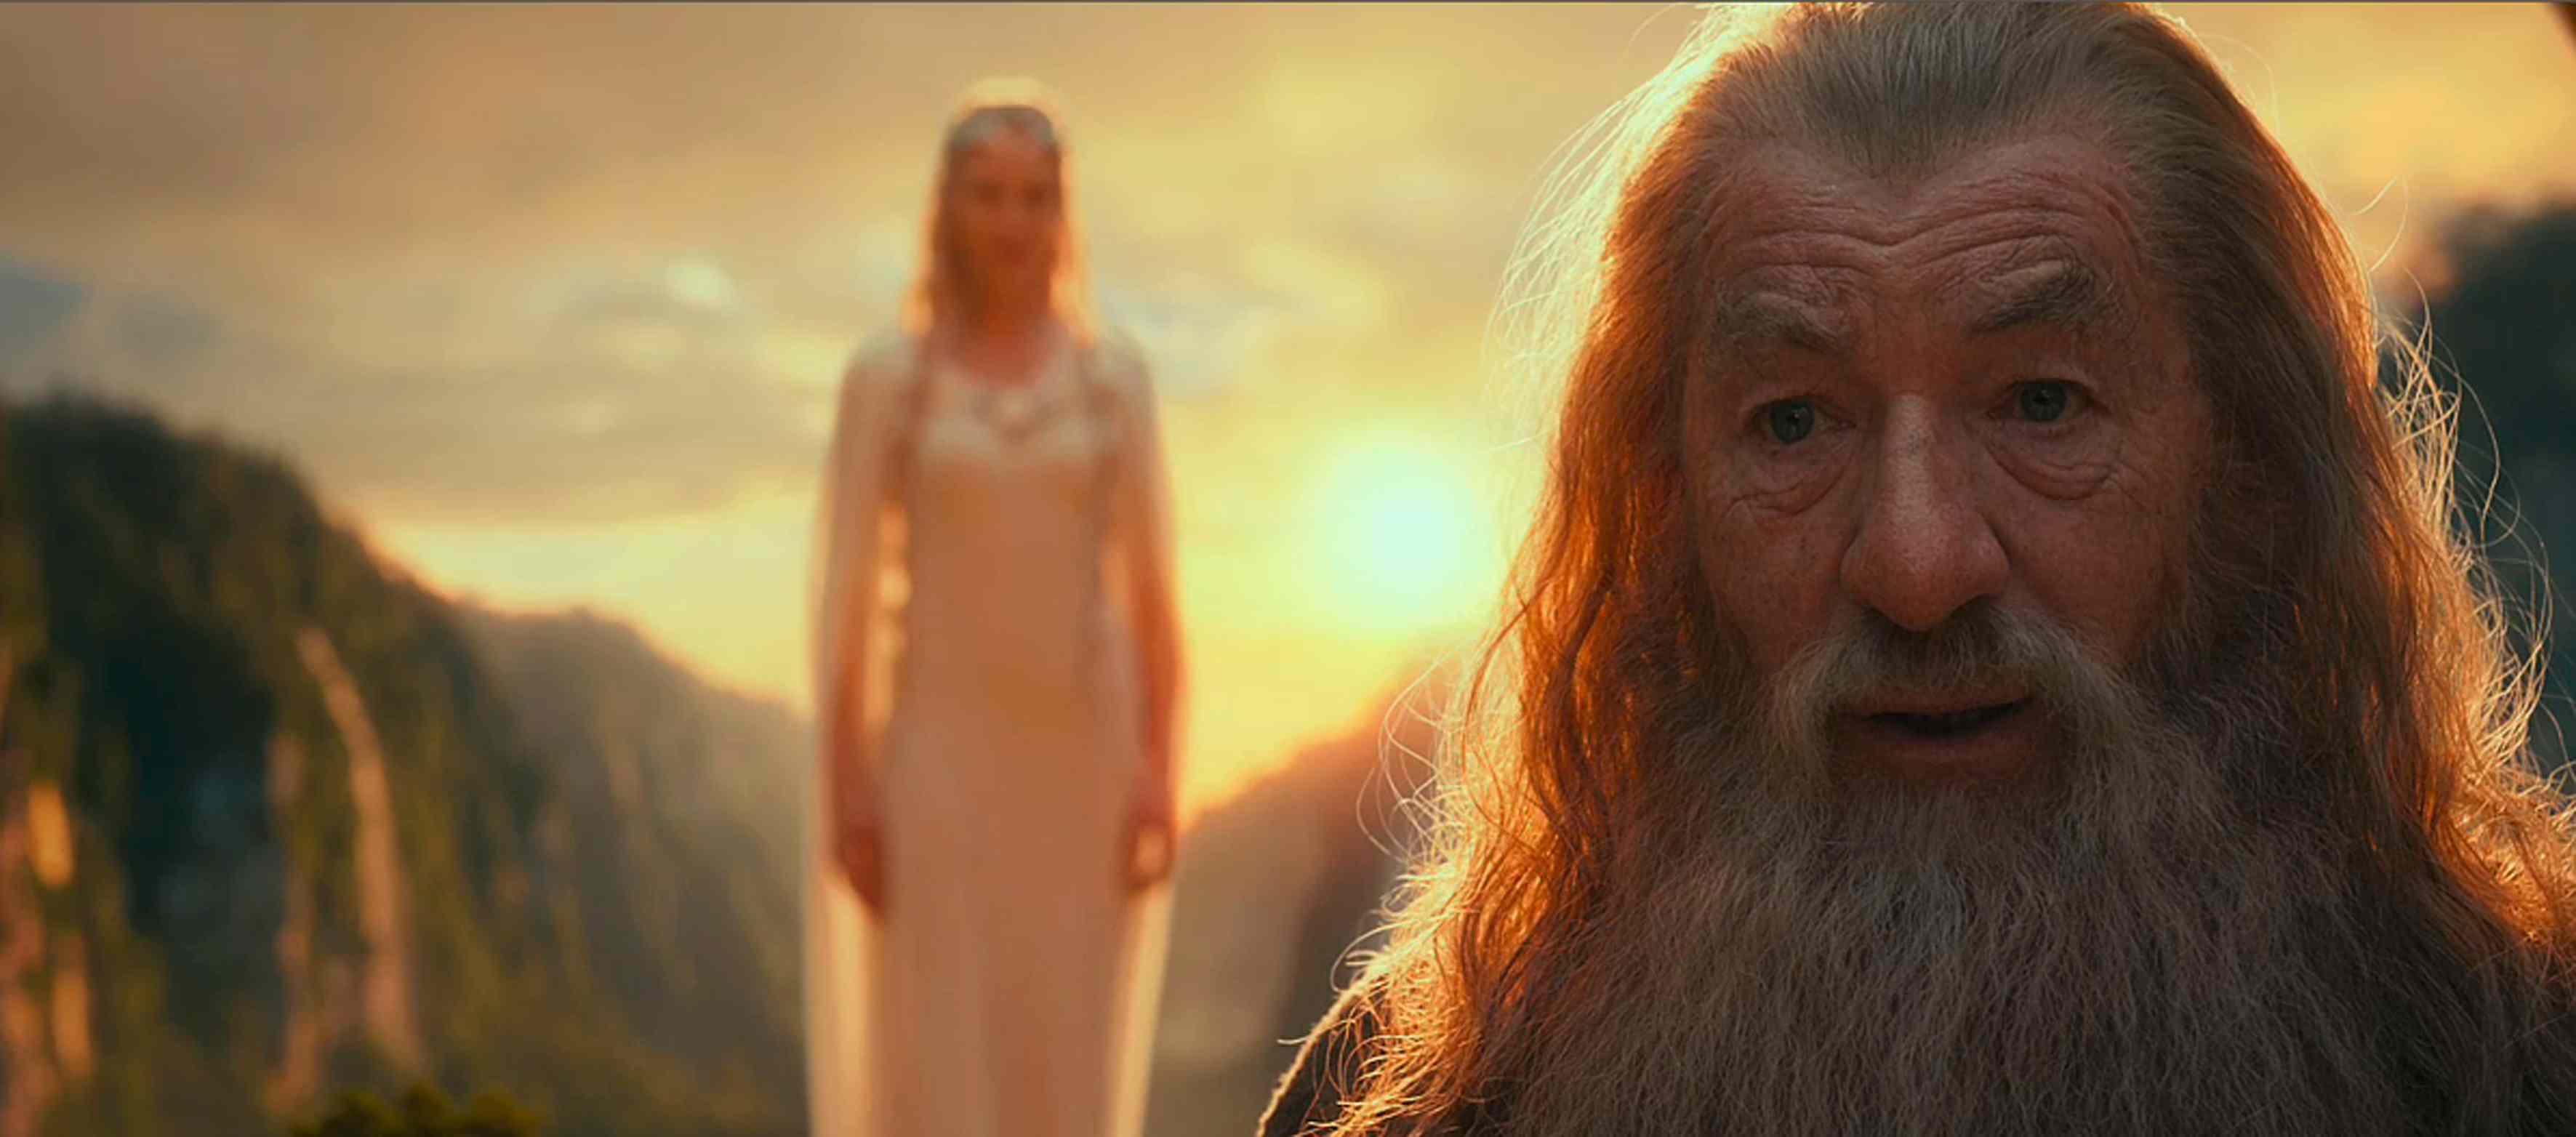 Risultato immagine per lo hobbit un viaggio inaspettato fine